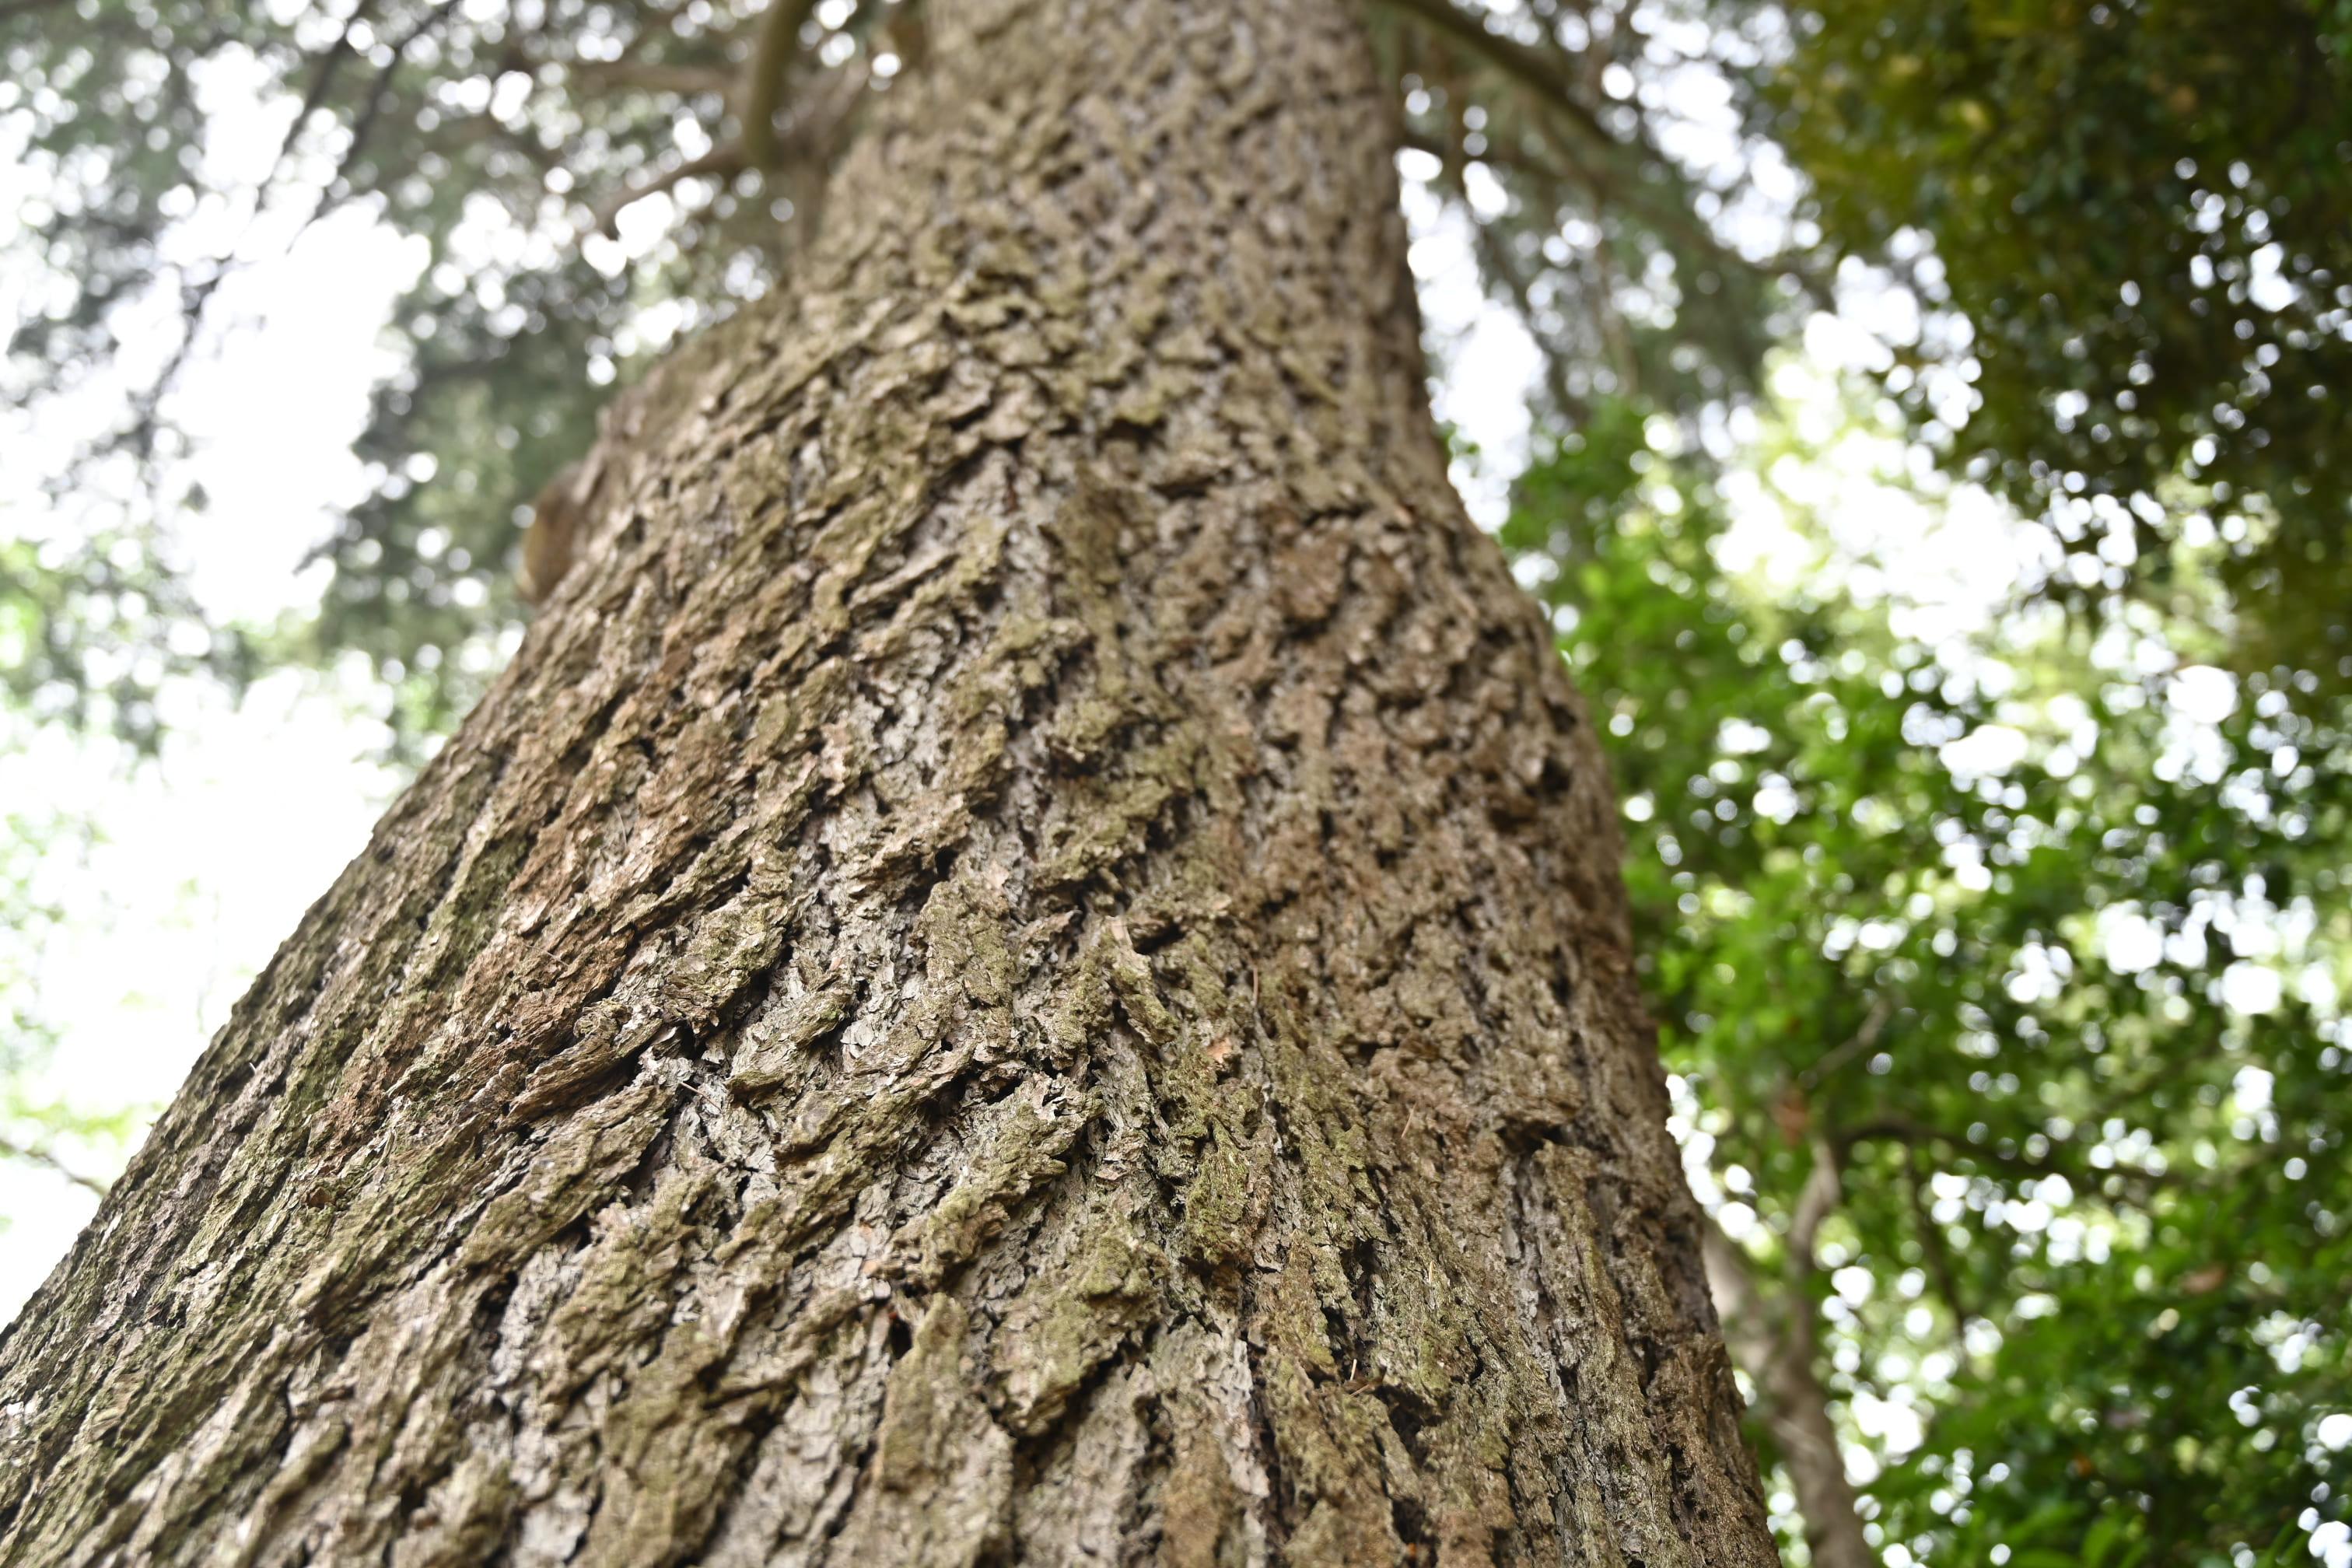 ヒマラヤスギの樹皮,画像,ひまらやすぎ